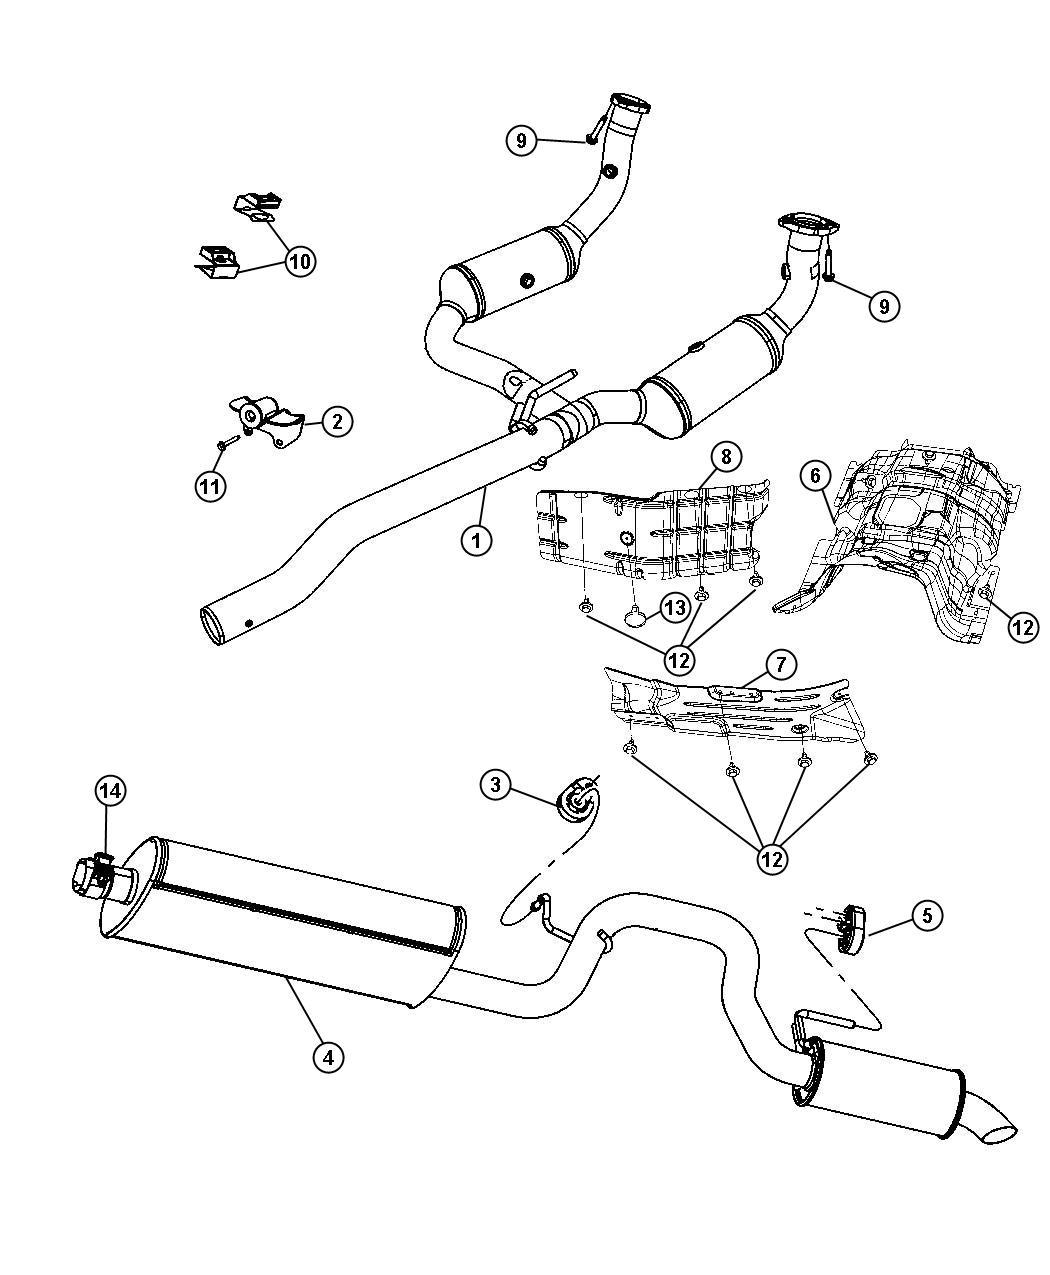 Dodge Nut Hex Flange Lock M10x1 5 M10x1 50 M14x1